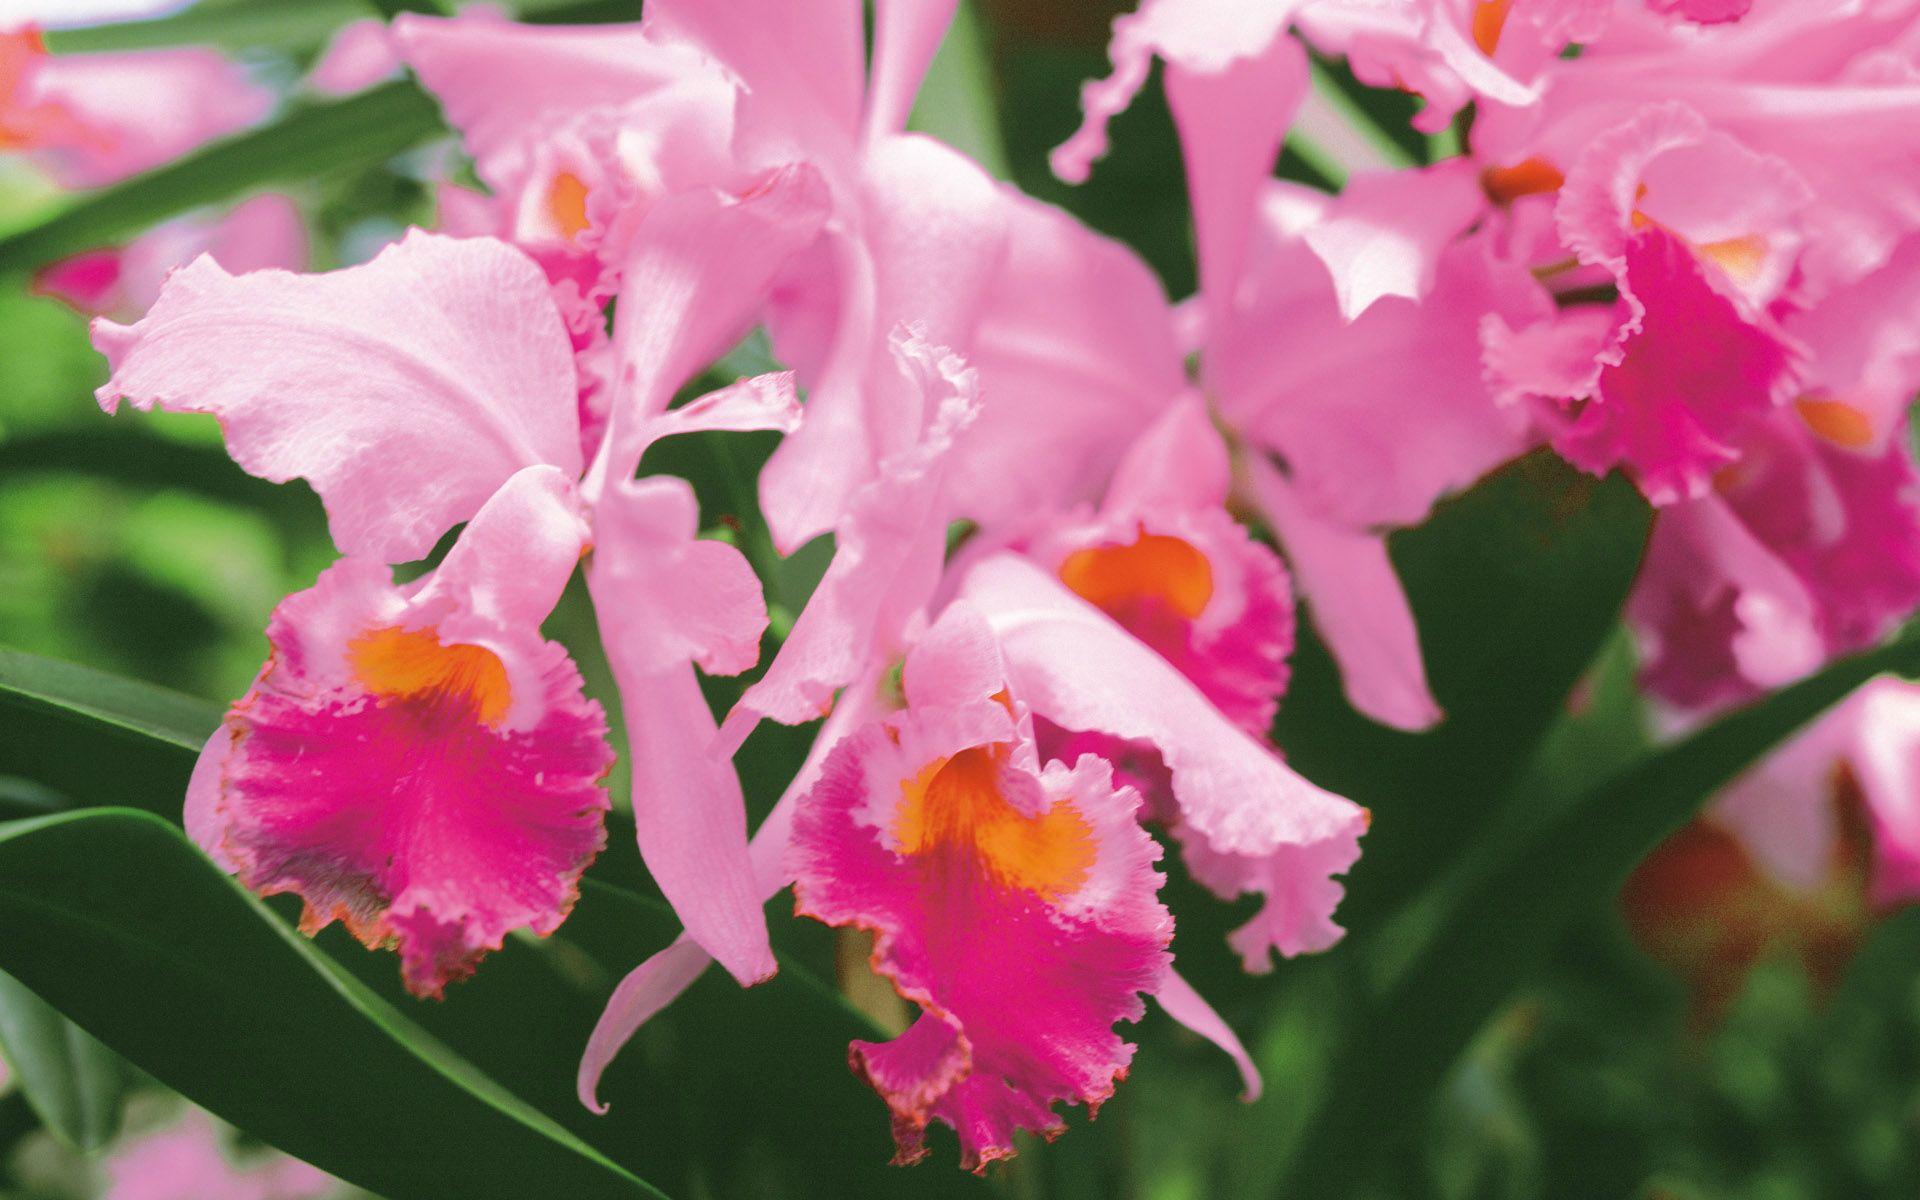 Как пересадить орхидею в домашних условиях пошагово: уход и полив